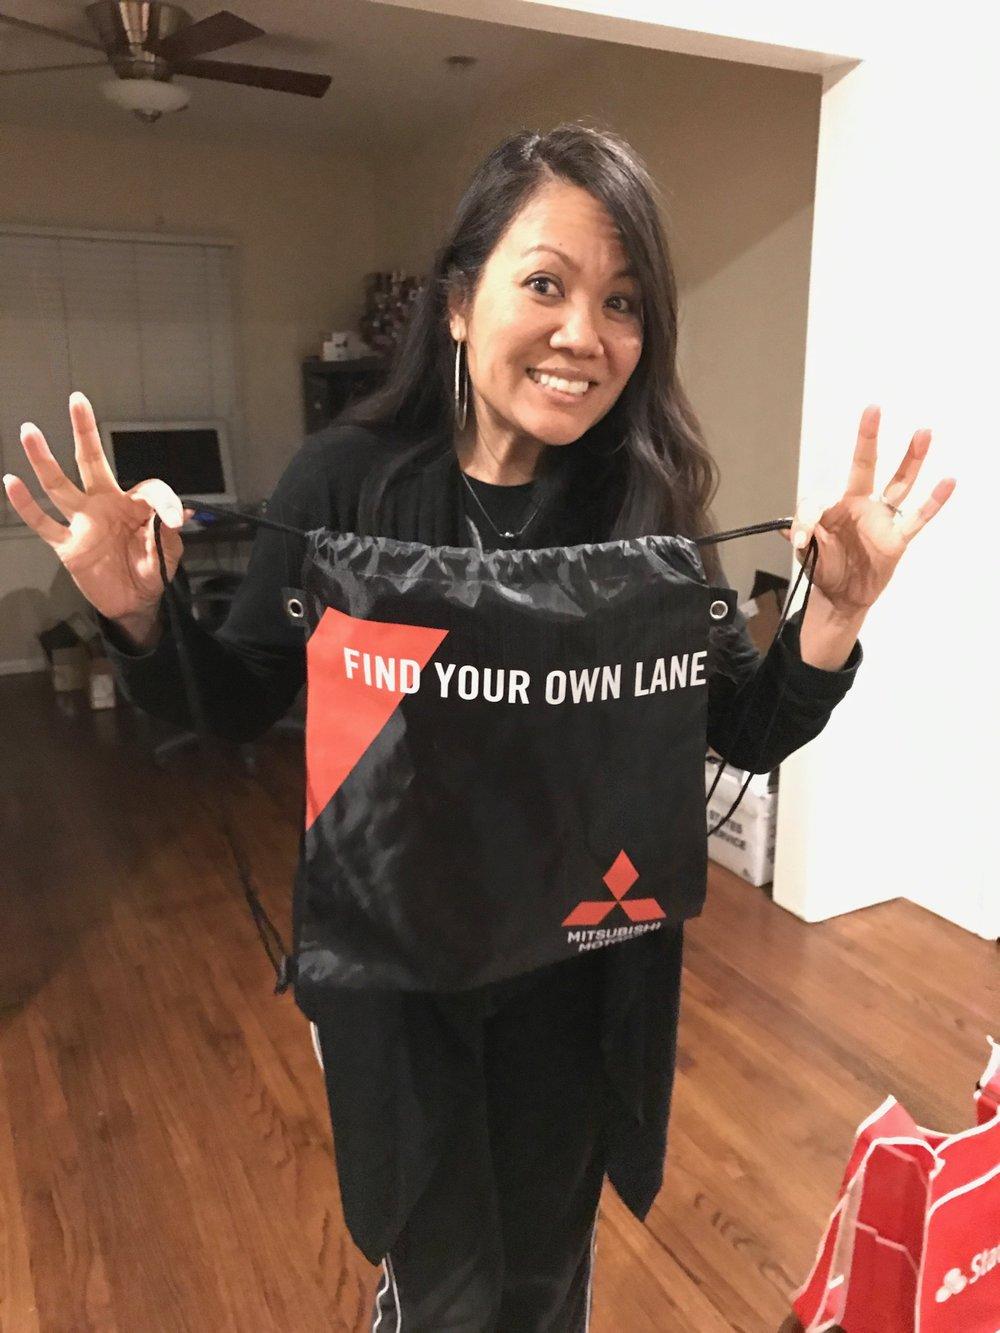 Free drawstring knapsack from Mitsubishi